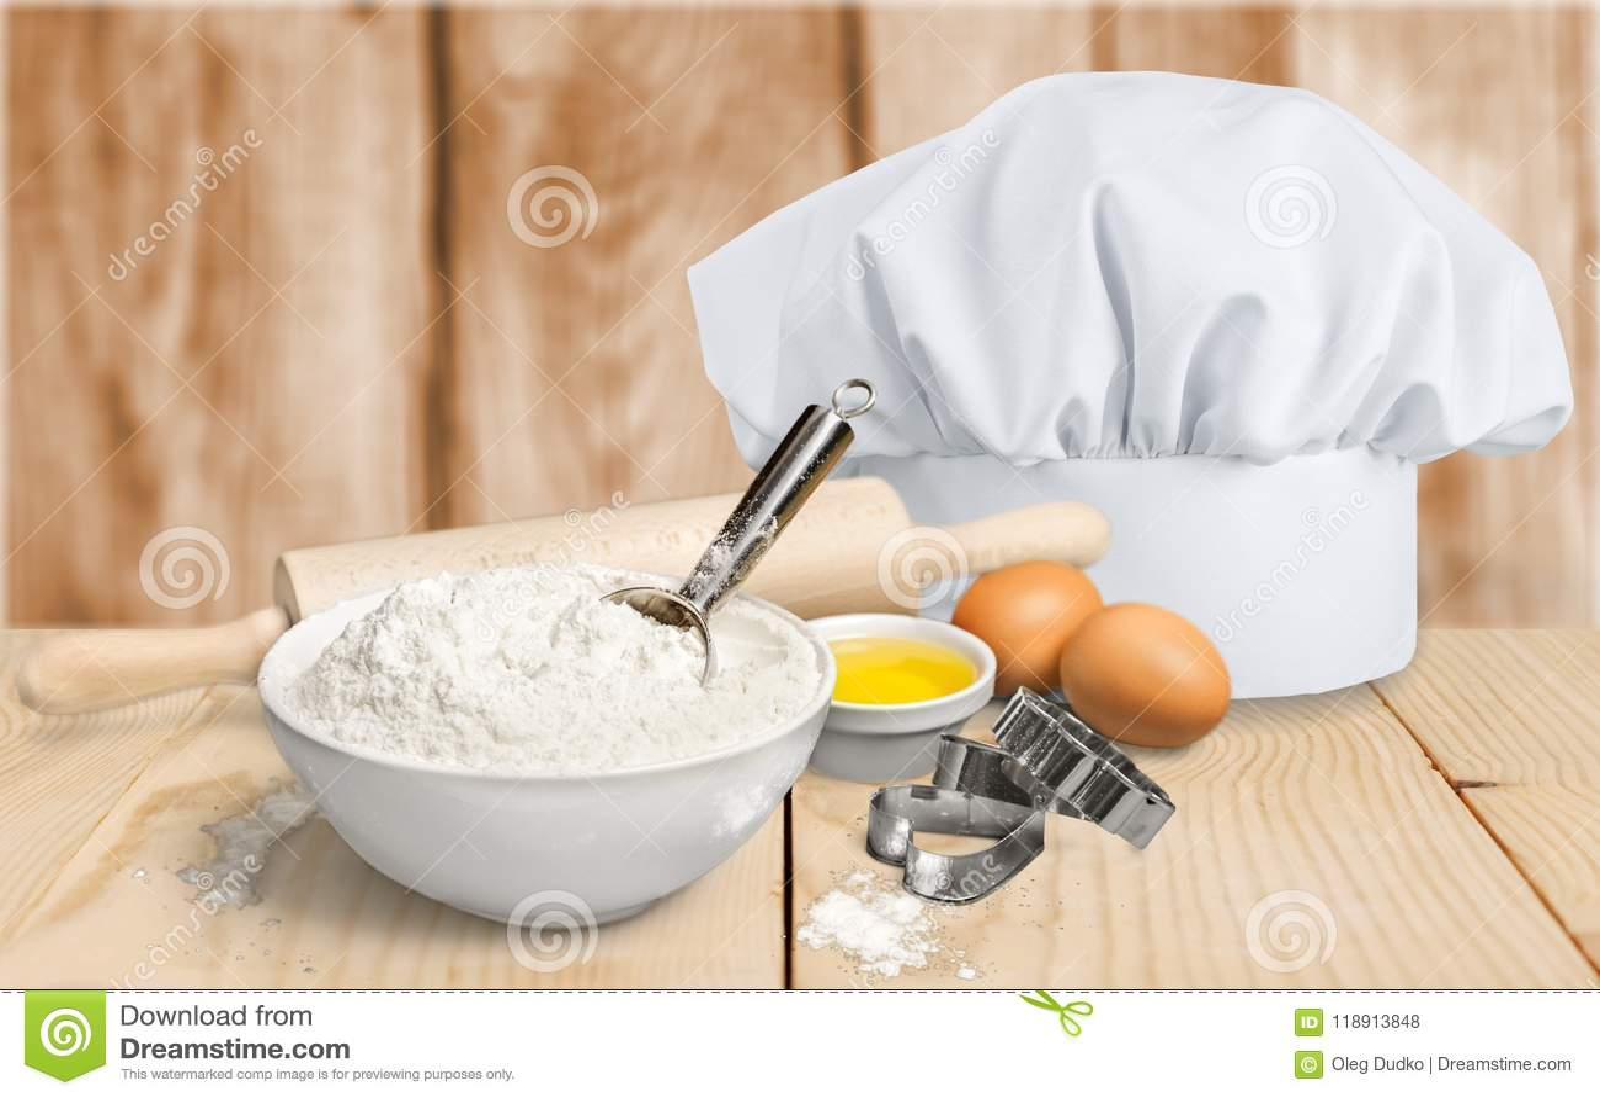 Sombrero del ` s del cocinero